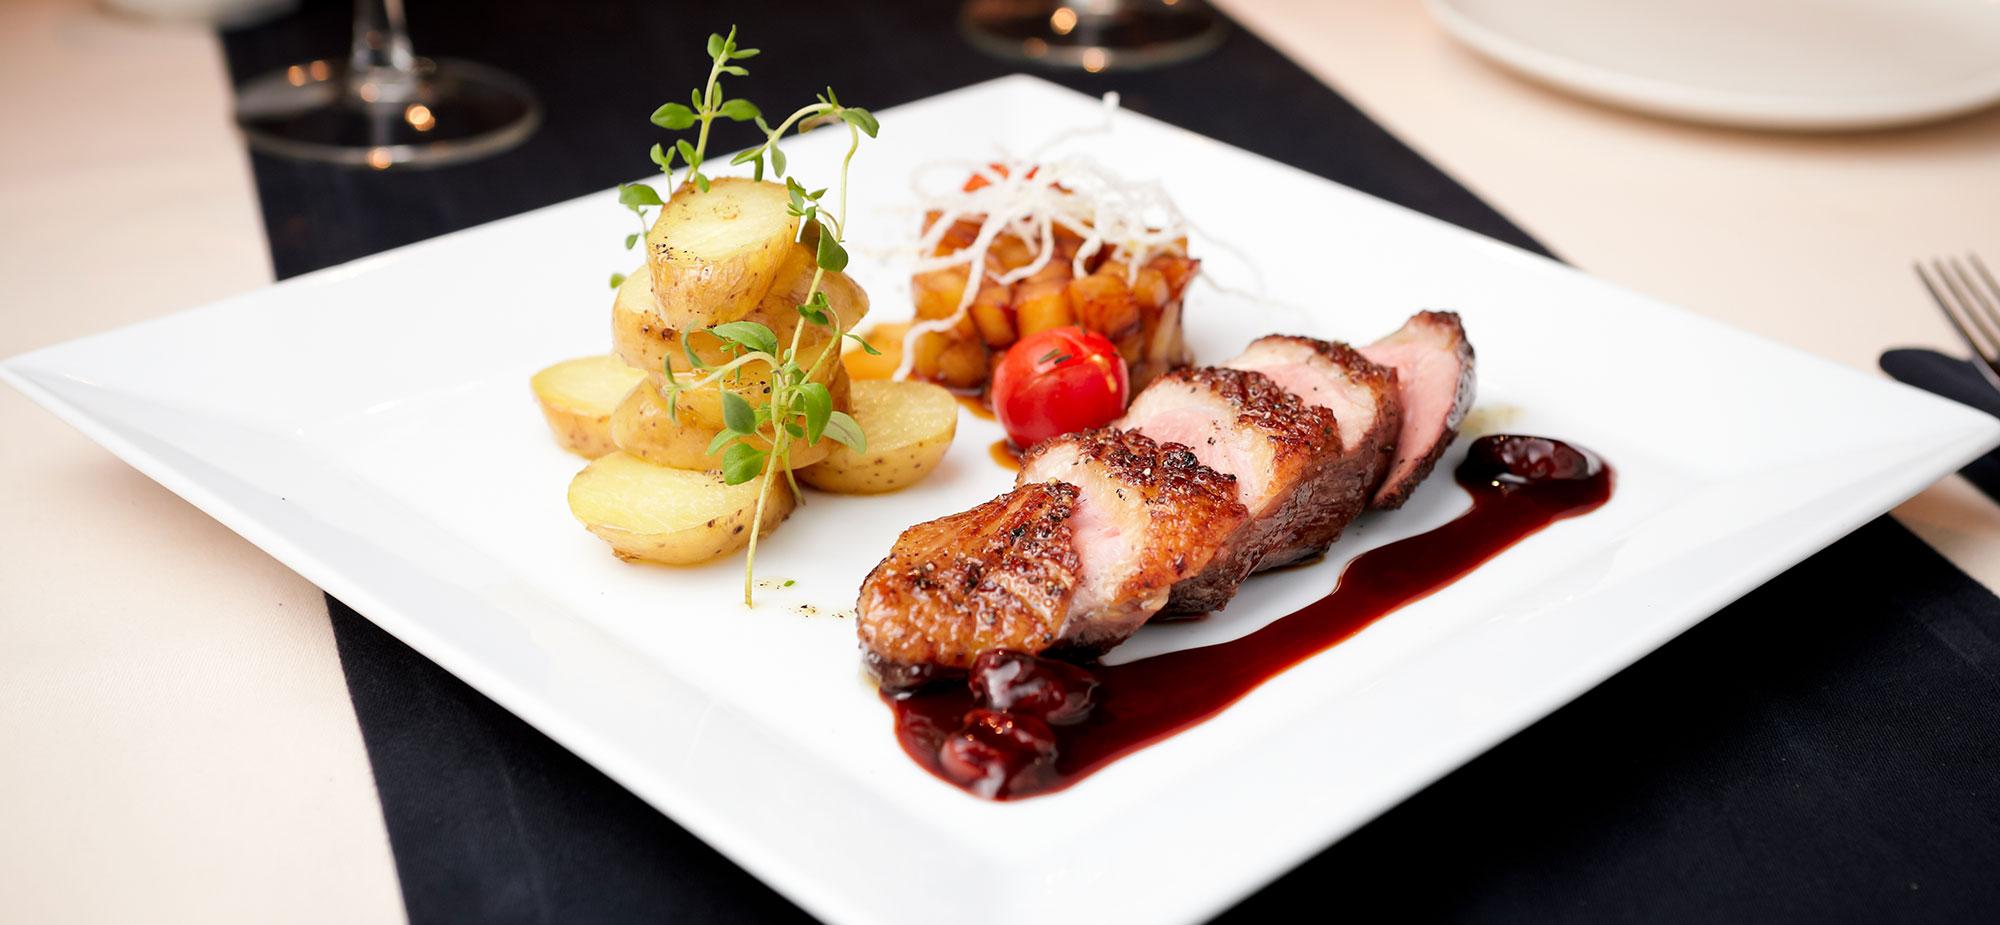 Art cuisine table de cuisine - Faitout art et cuisine ...